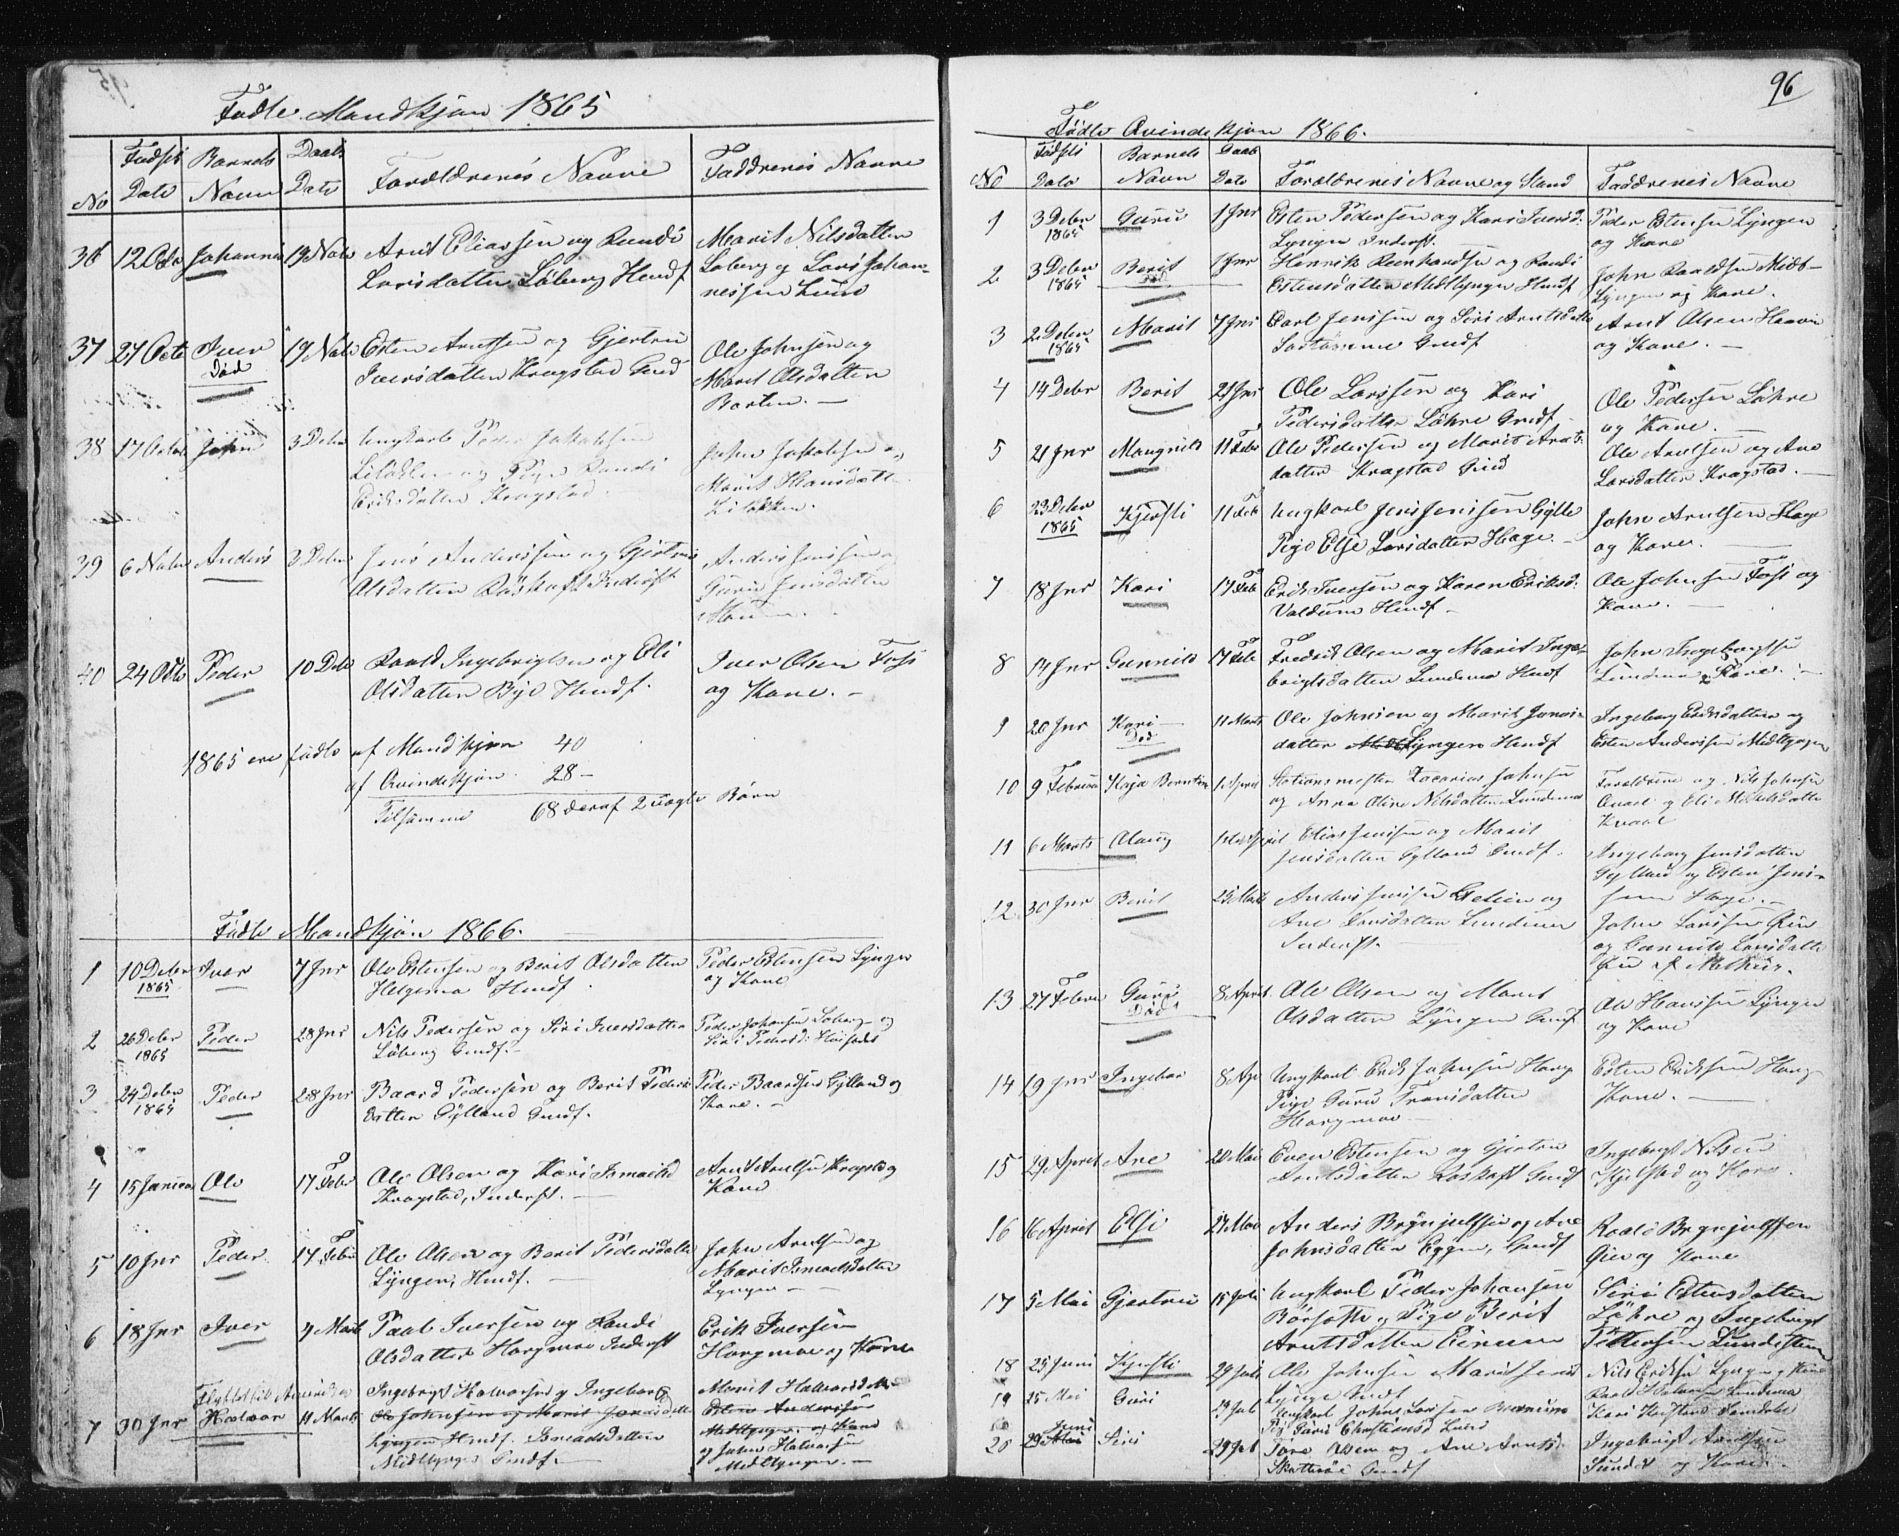 SAT, Ministerialprotokoller, klokkerbøker og fødselsregistre - Sør-Trøndelag, 692/L1110: Klokkerbok nr. 692C05, 1849-1889, s. 96